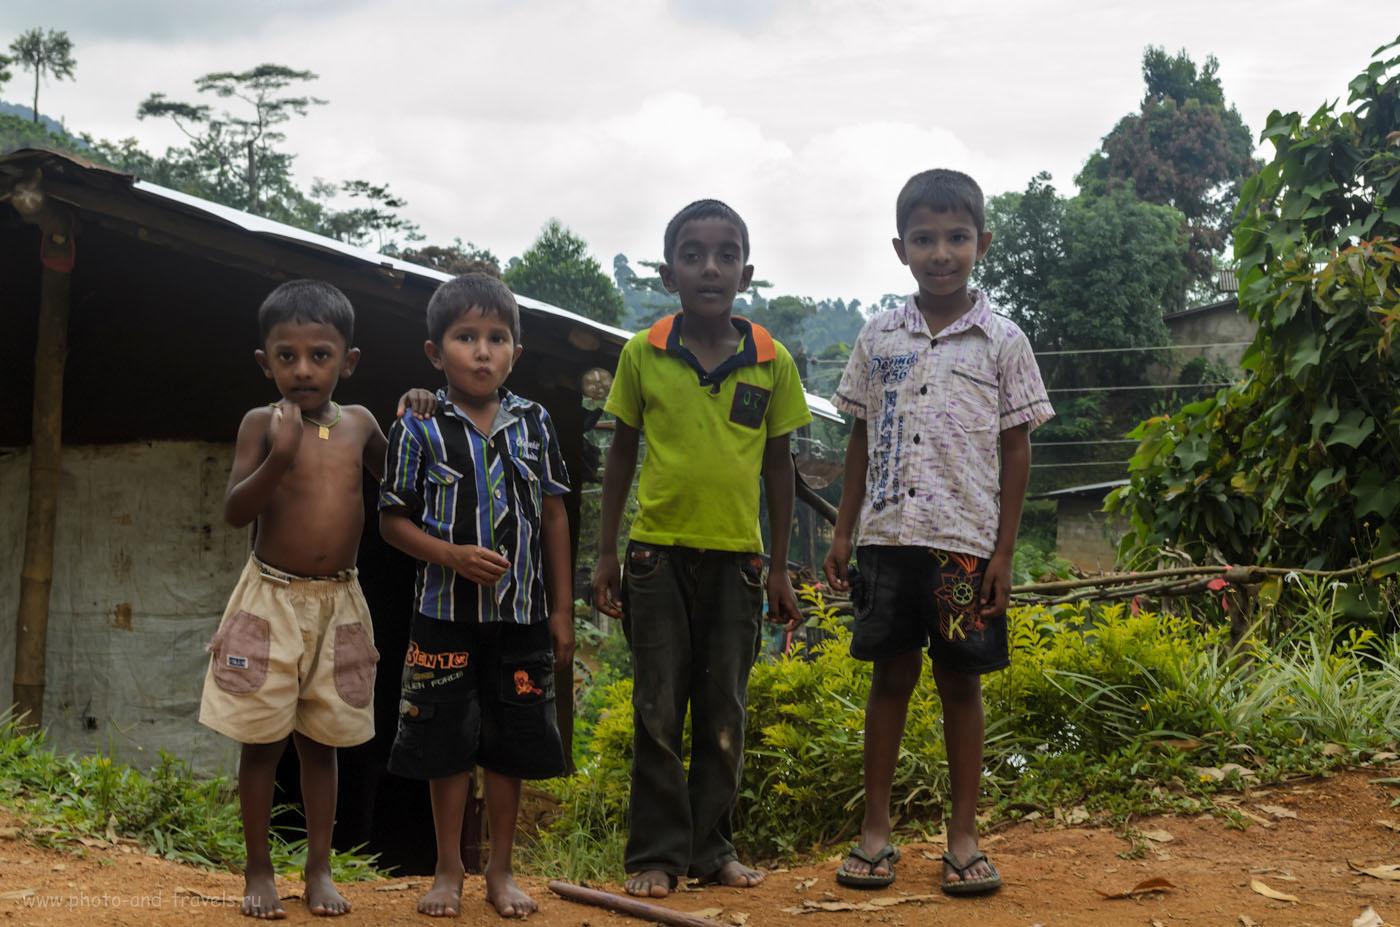 Фото 9. Эти дети в деревне Maratenna в горах Шри-Ланки (территория заповедника Хортон Плейнс) наверняка ни разу в своей жизни не видели белых людей. Отзыв о самостоятельной экскурсии на Пик Адама. Поездка в деревню Наллатанния на автомобиле.